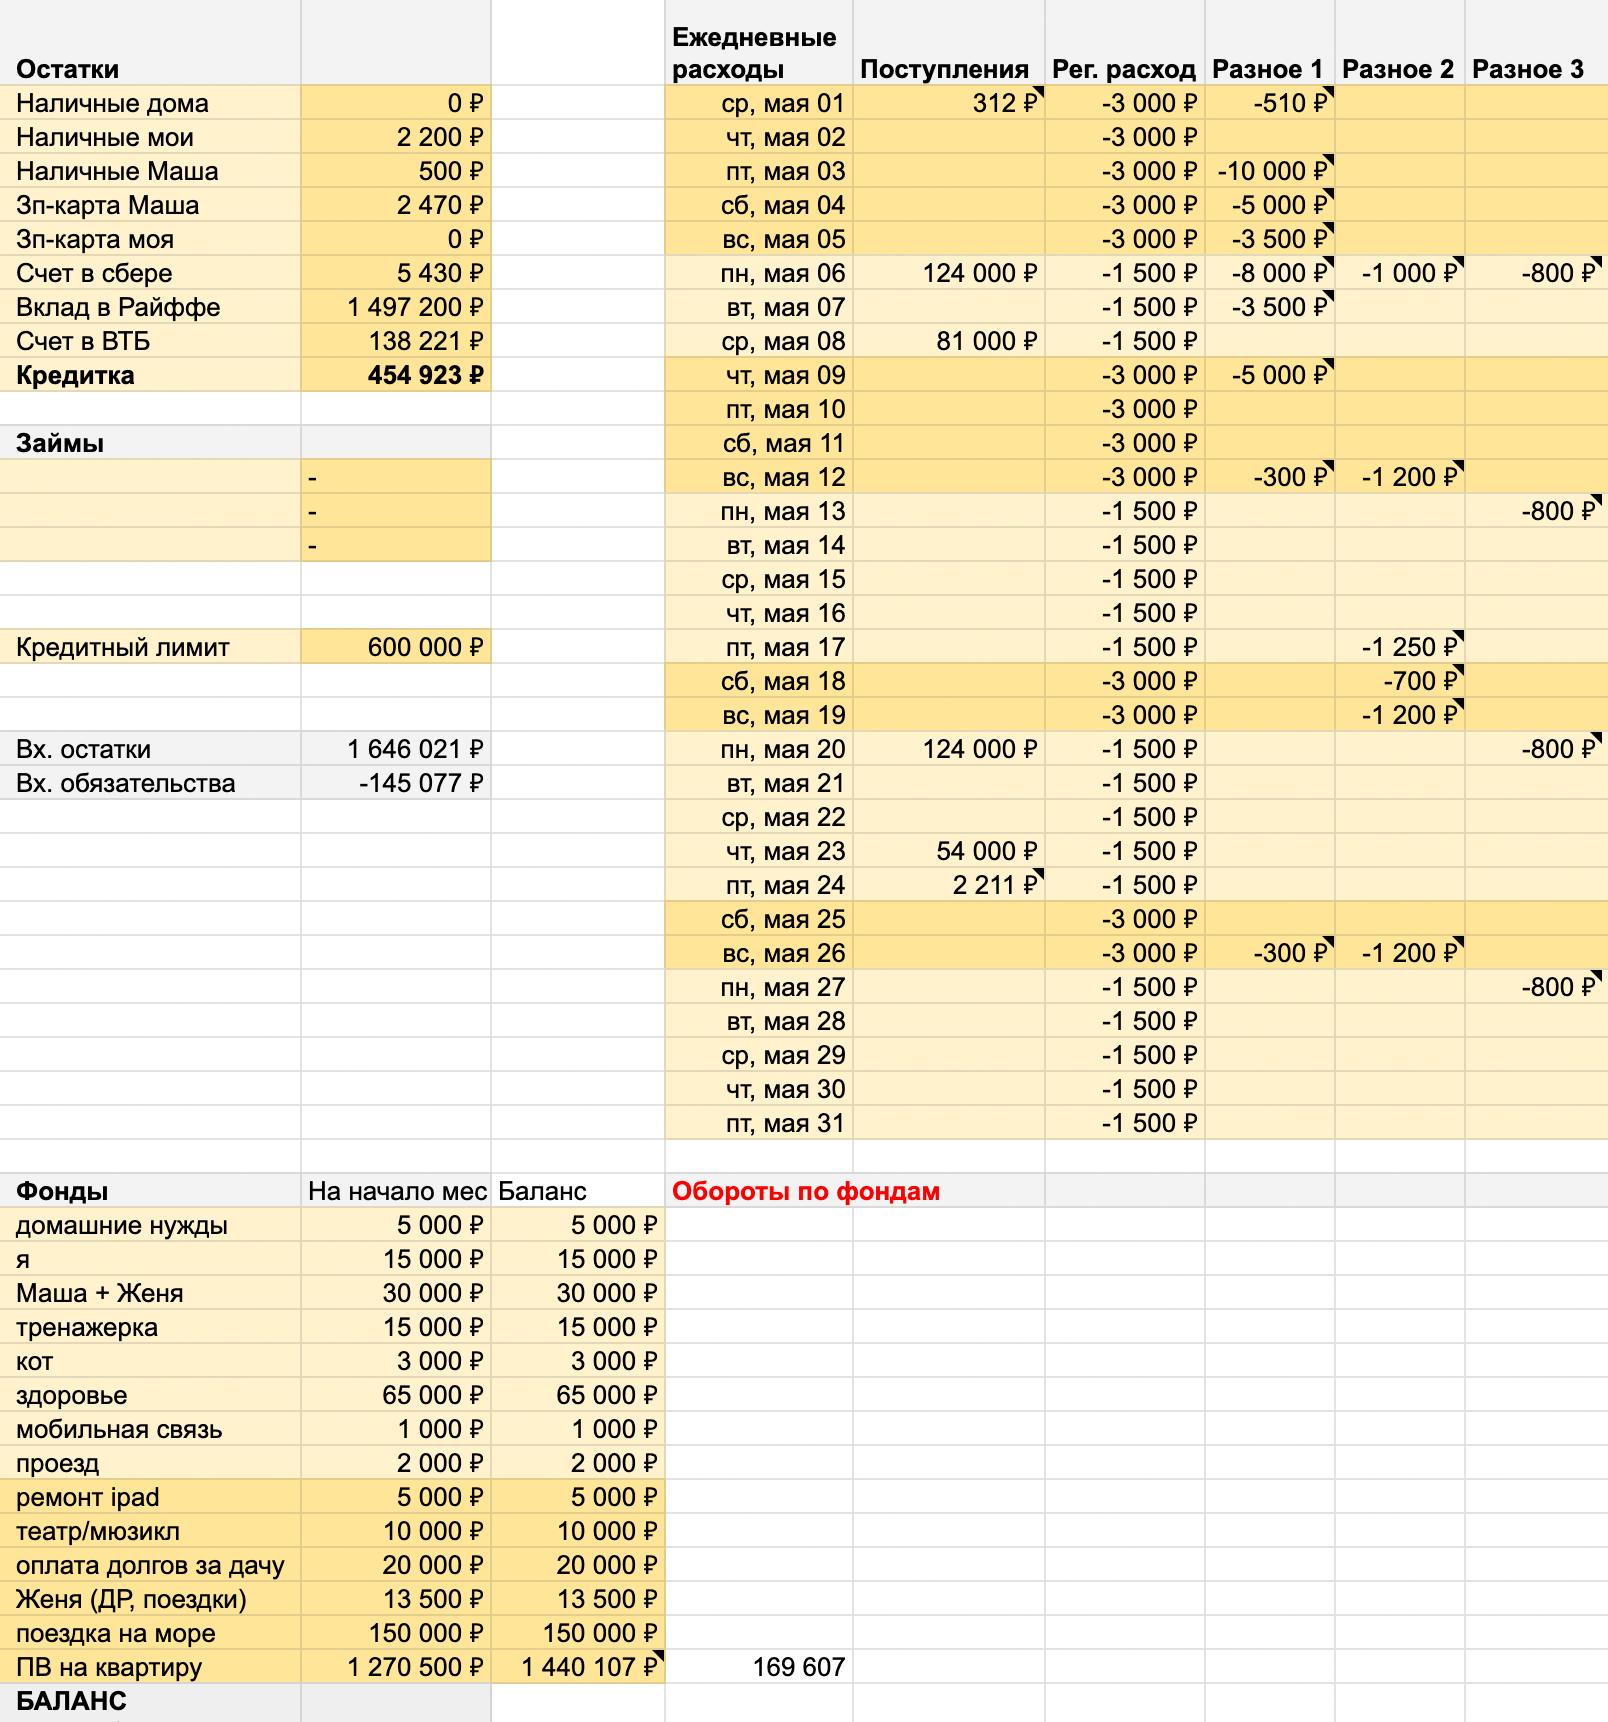 Весь семейный бюджет укладывается вот в такую таблицу